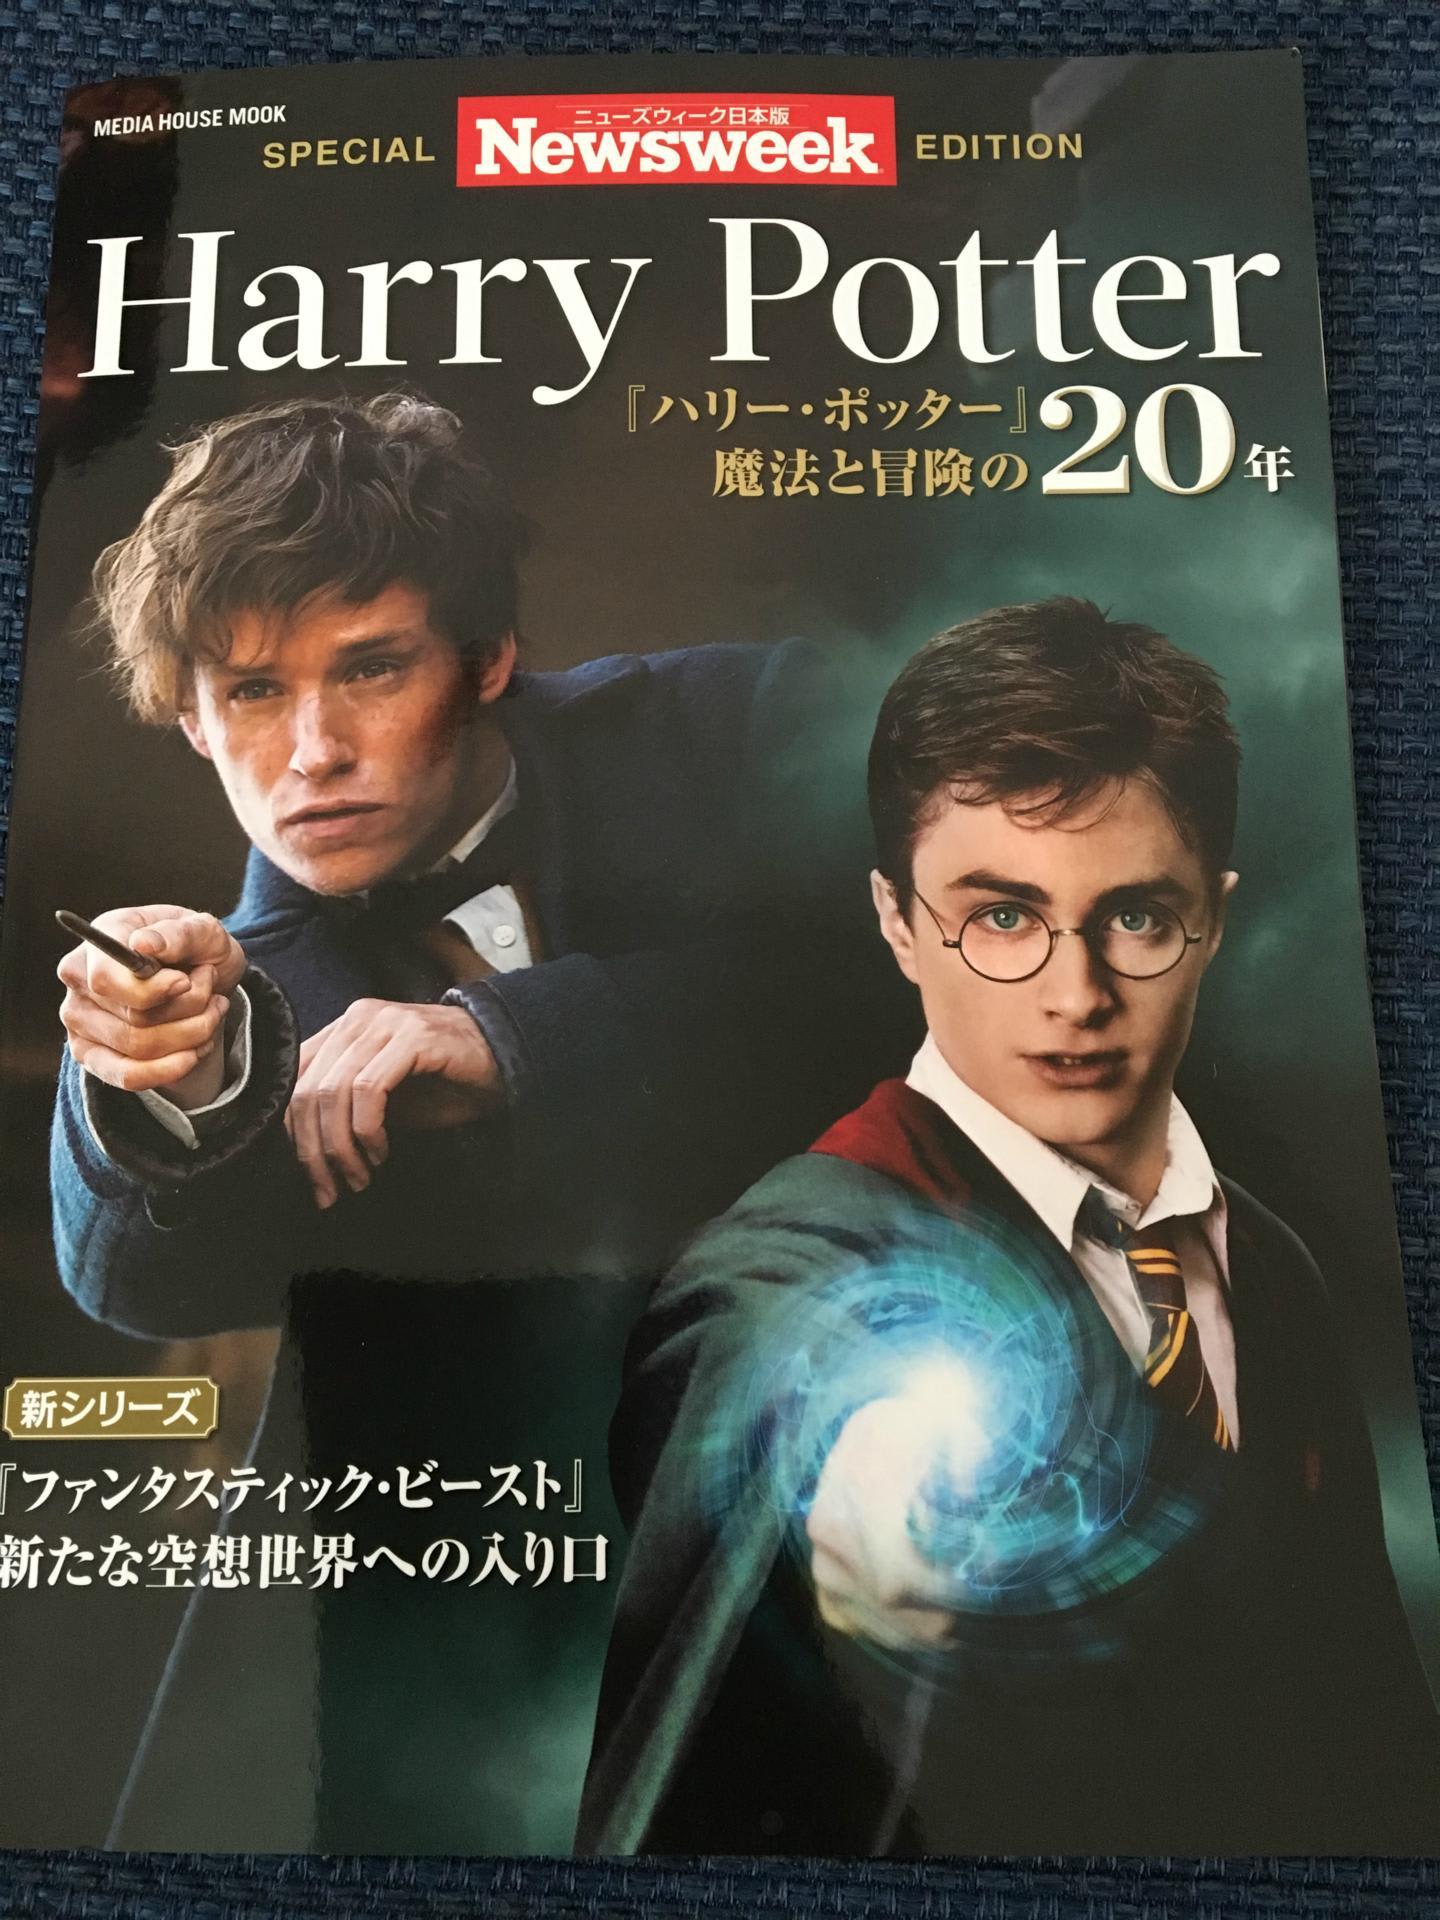 前回「ハリーポッターと呪いの子」を載せたので、ハリーポッターの雑誌も載せます